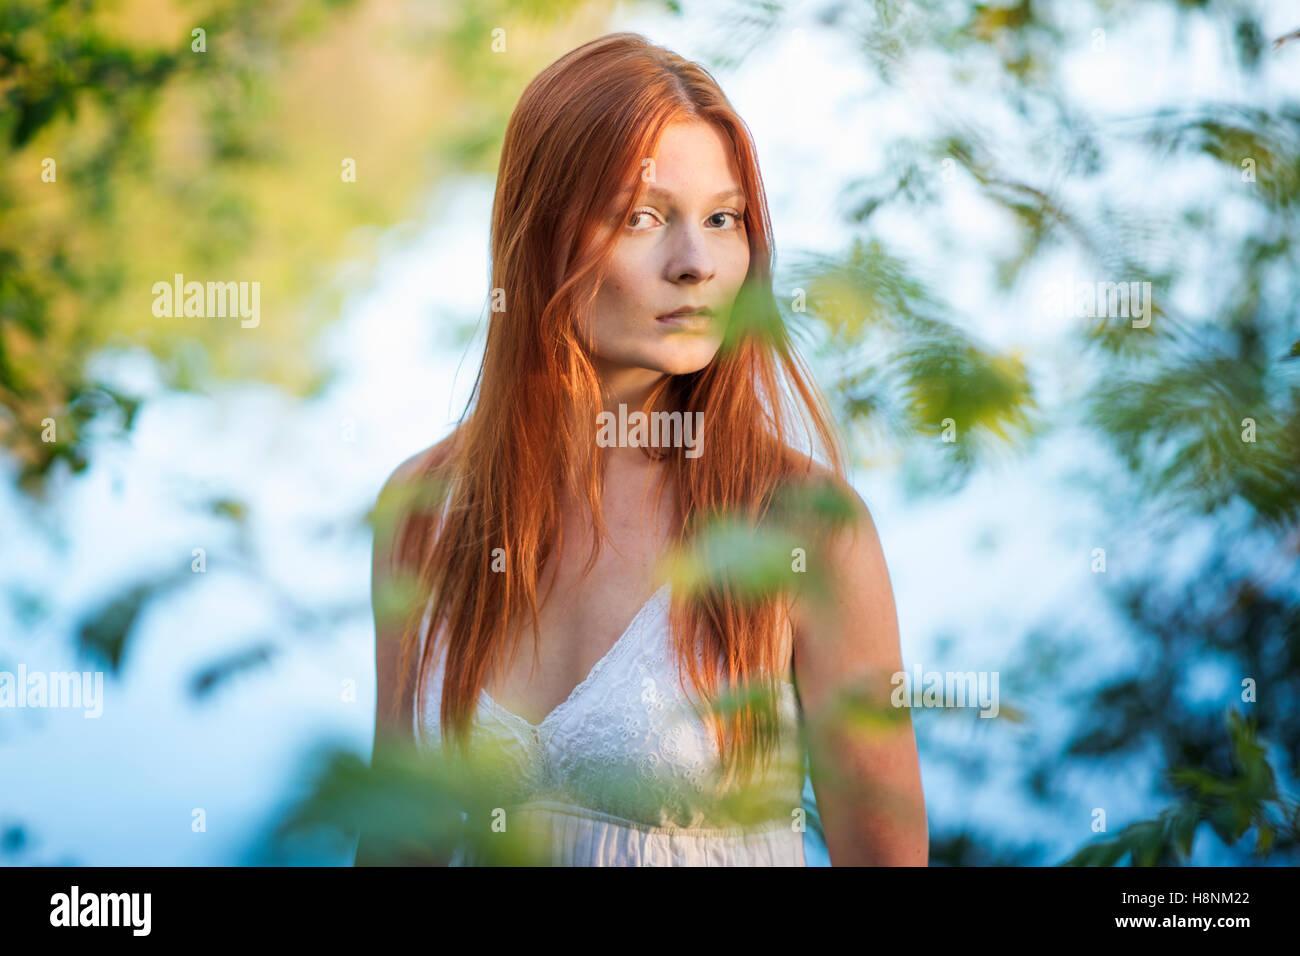 Retrato de mujer joven en el bosque Imagen De Stock